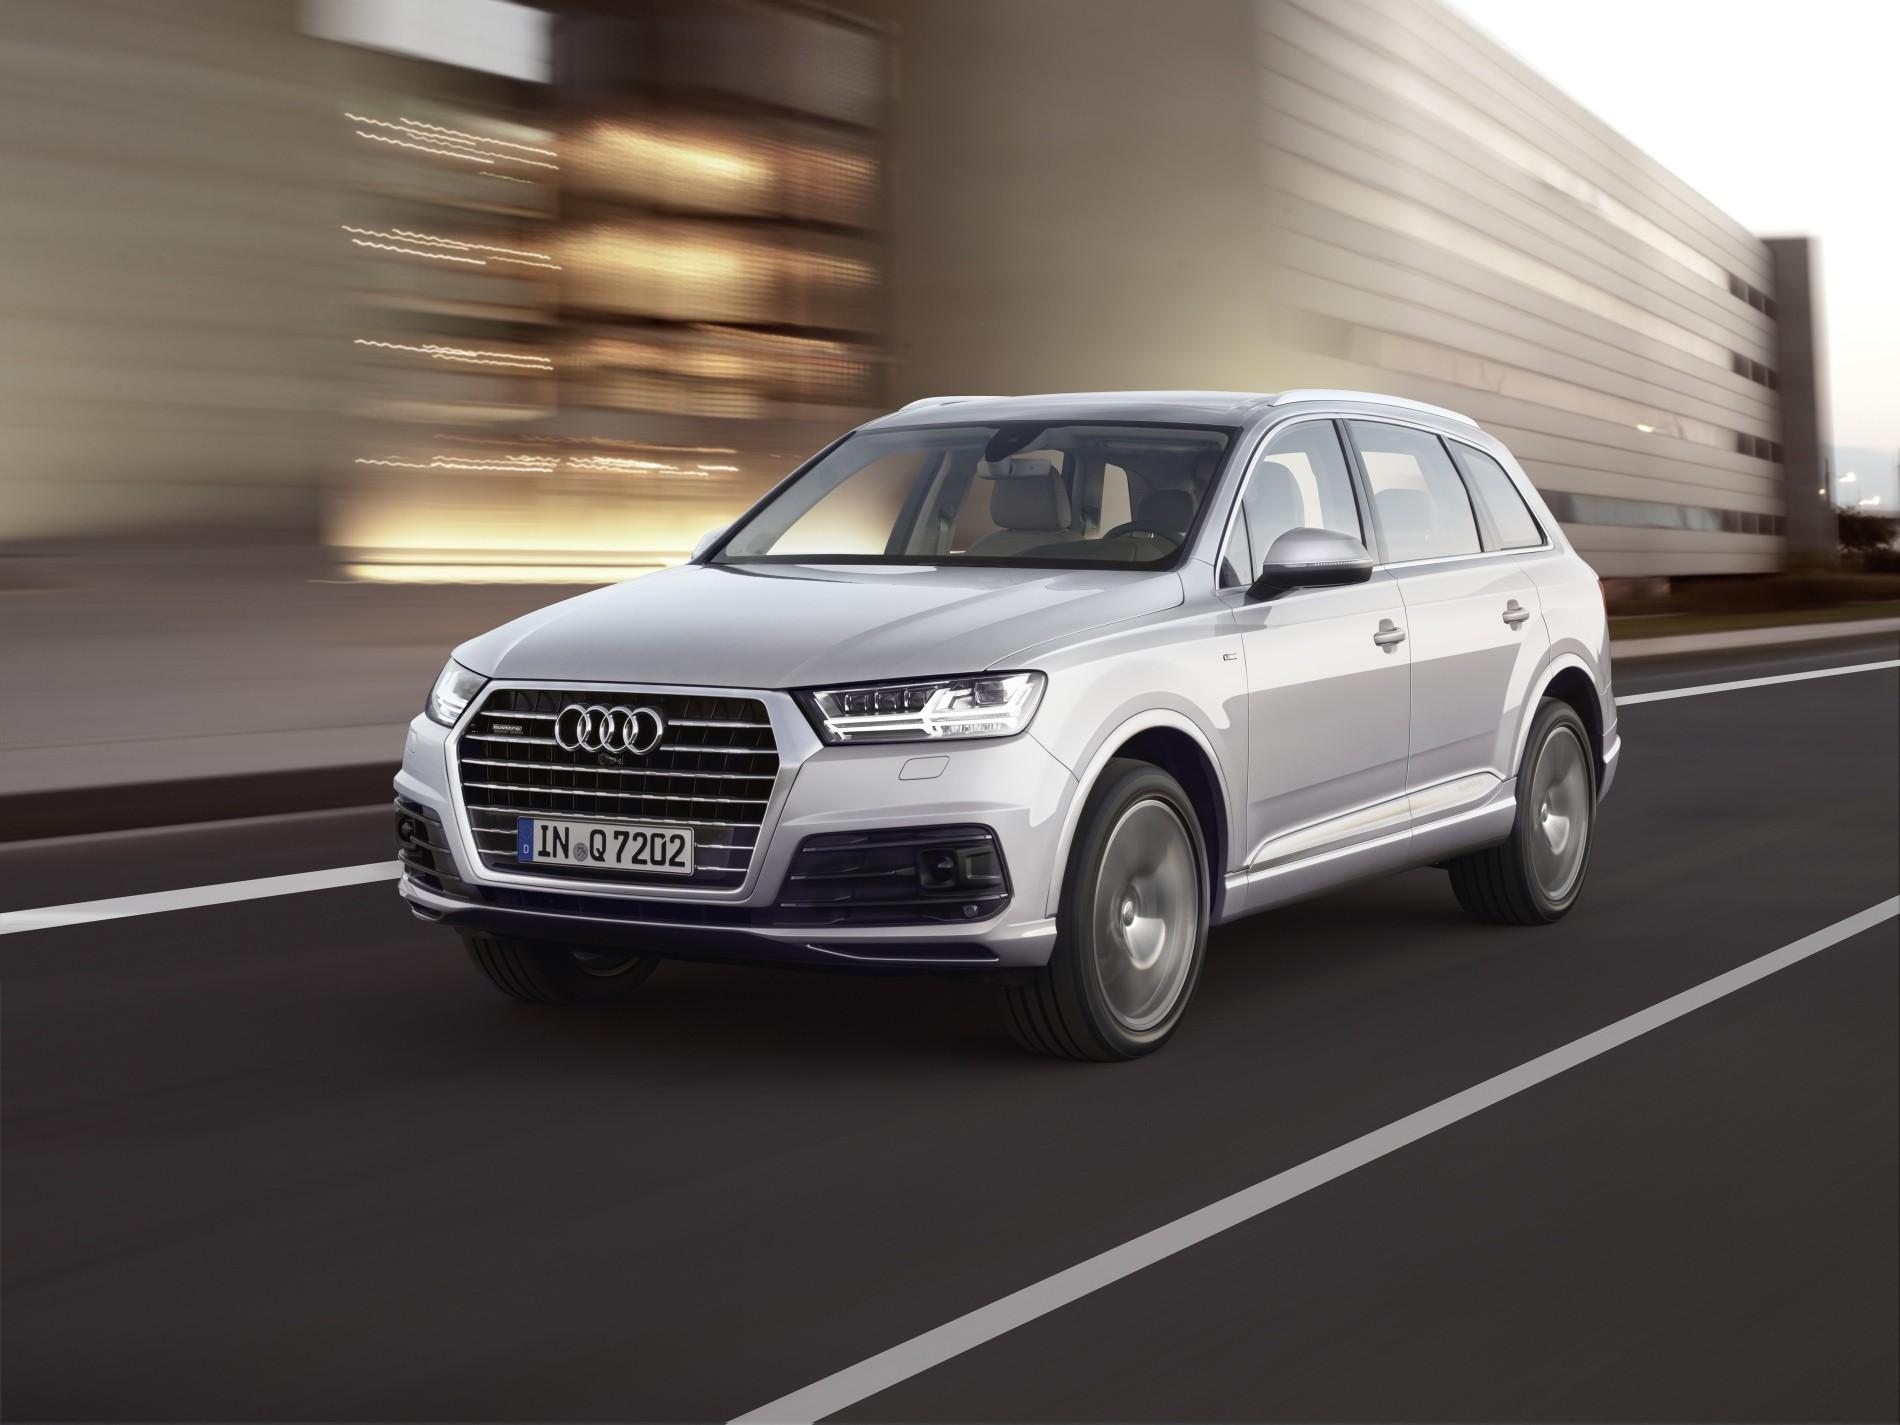 Audi-Chef Stadler bei Bilanzpressekonferenz: ?2014 mehr geliefert als versprochen?